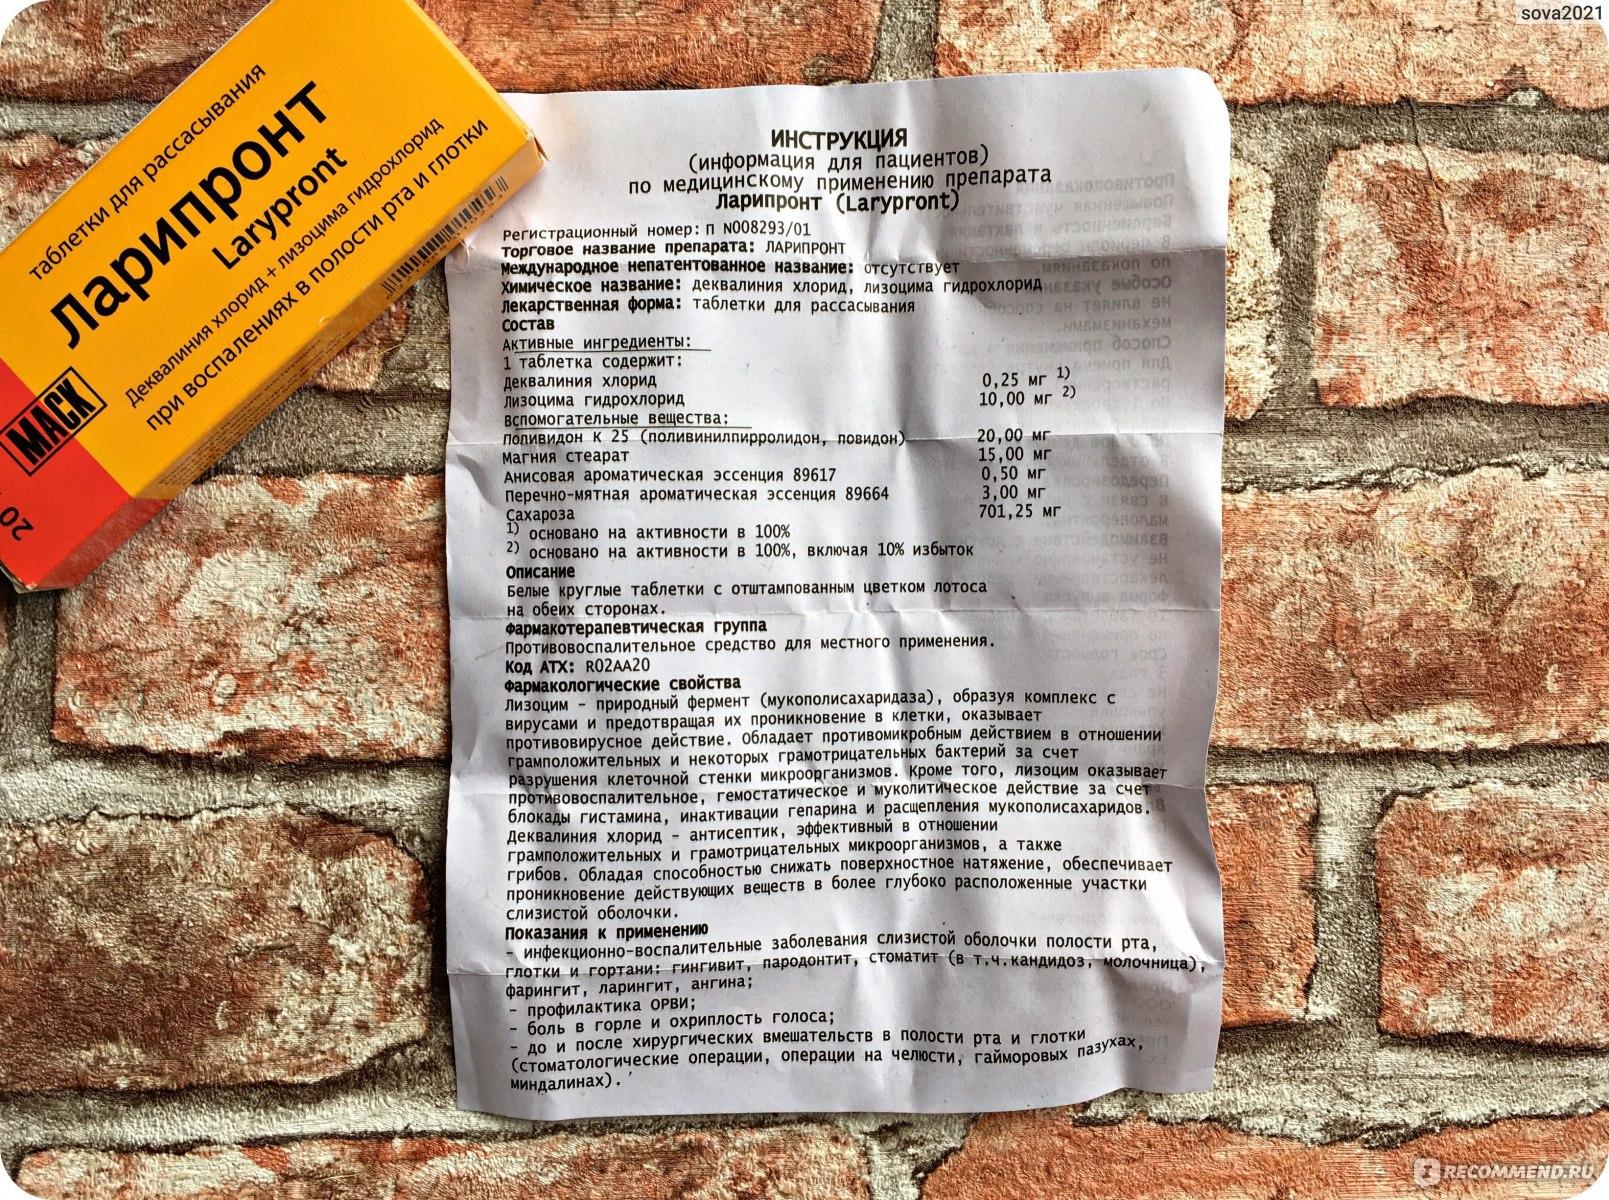 Супракс: инструкция по применению суспензии и таблеток, цена.